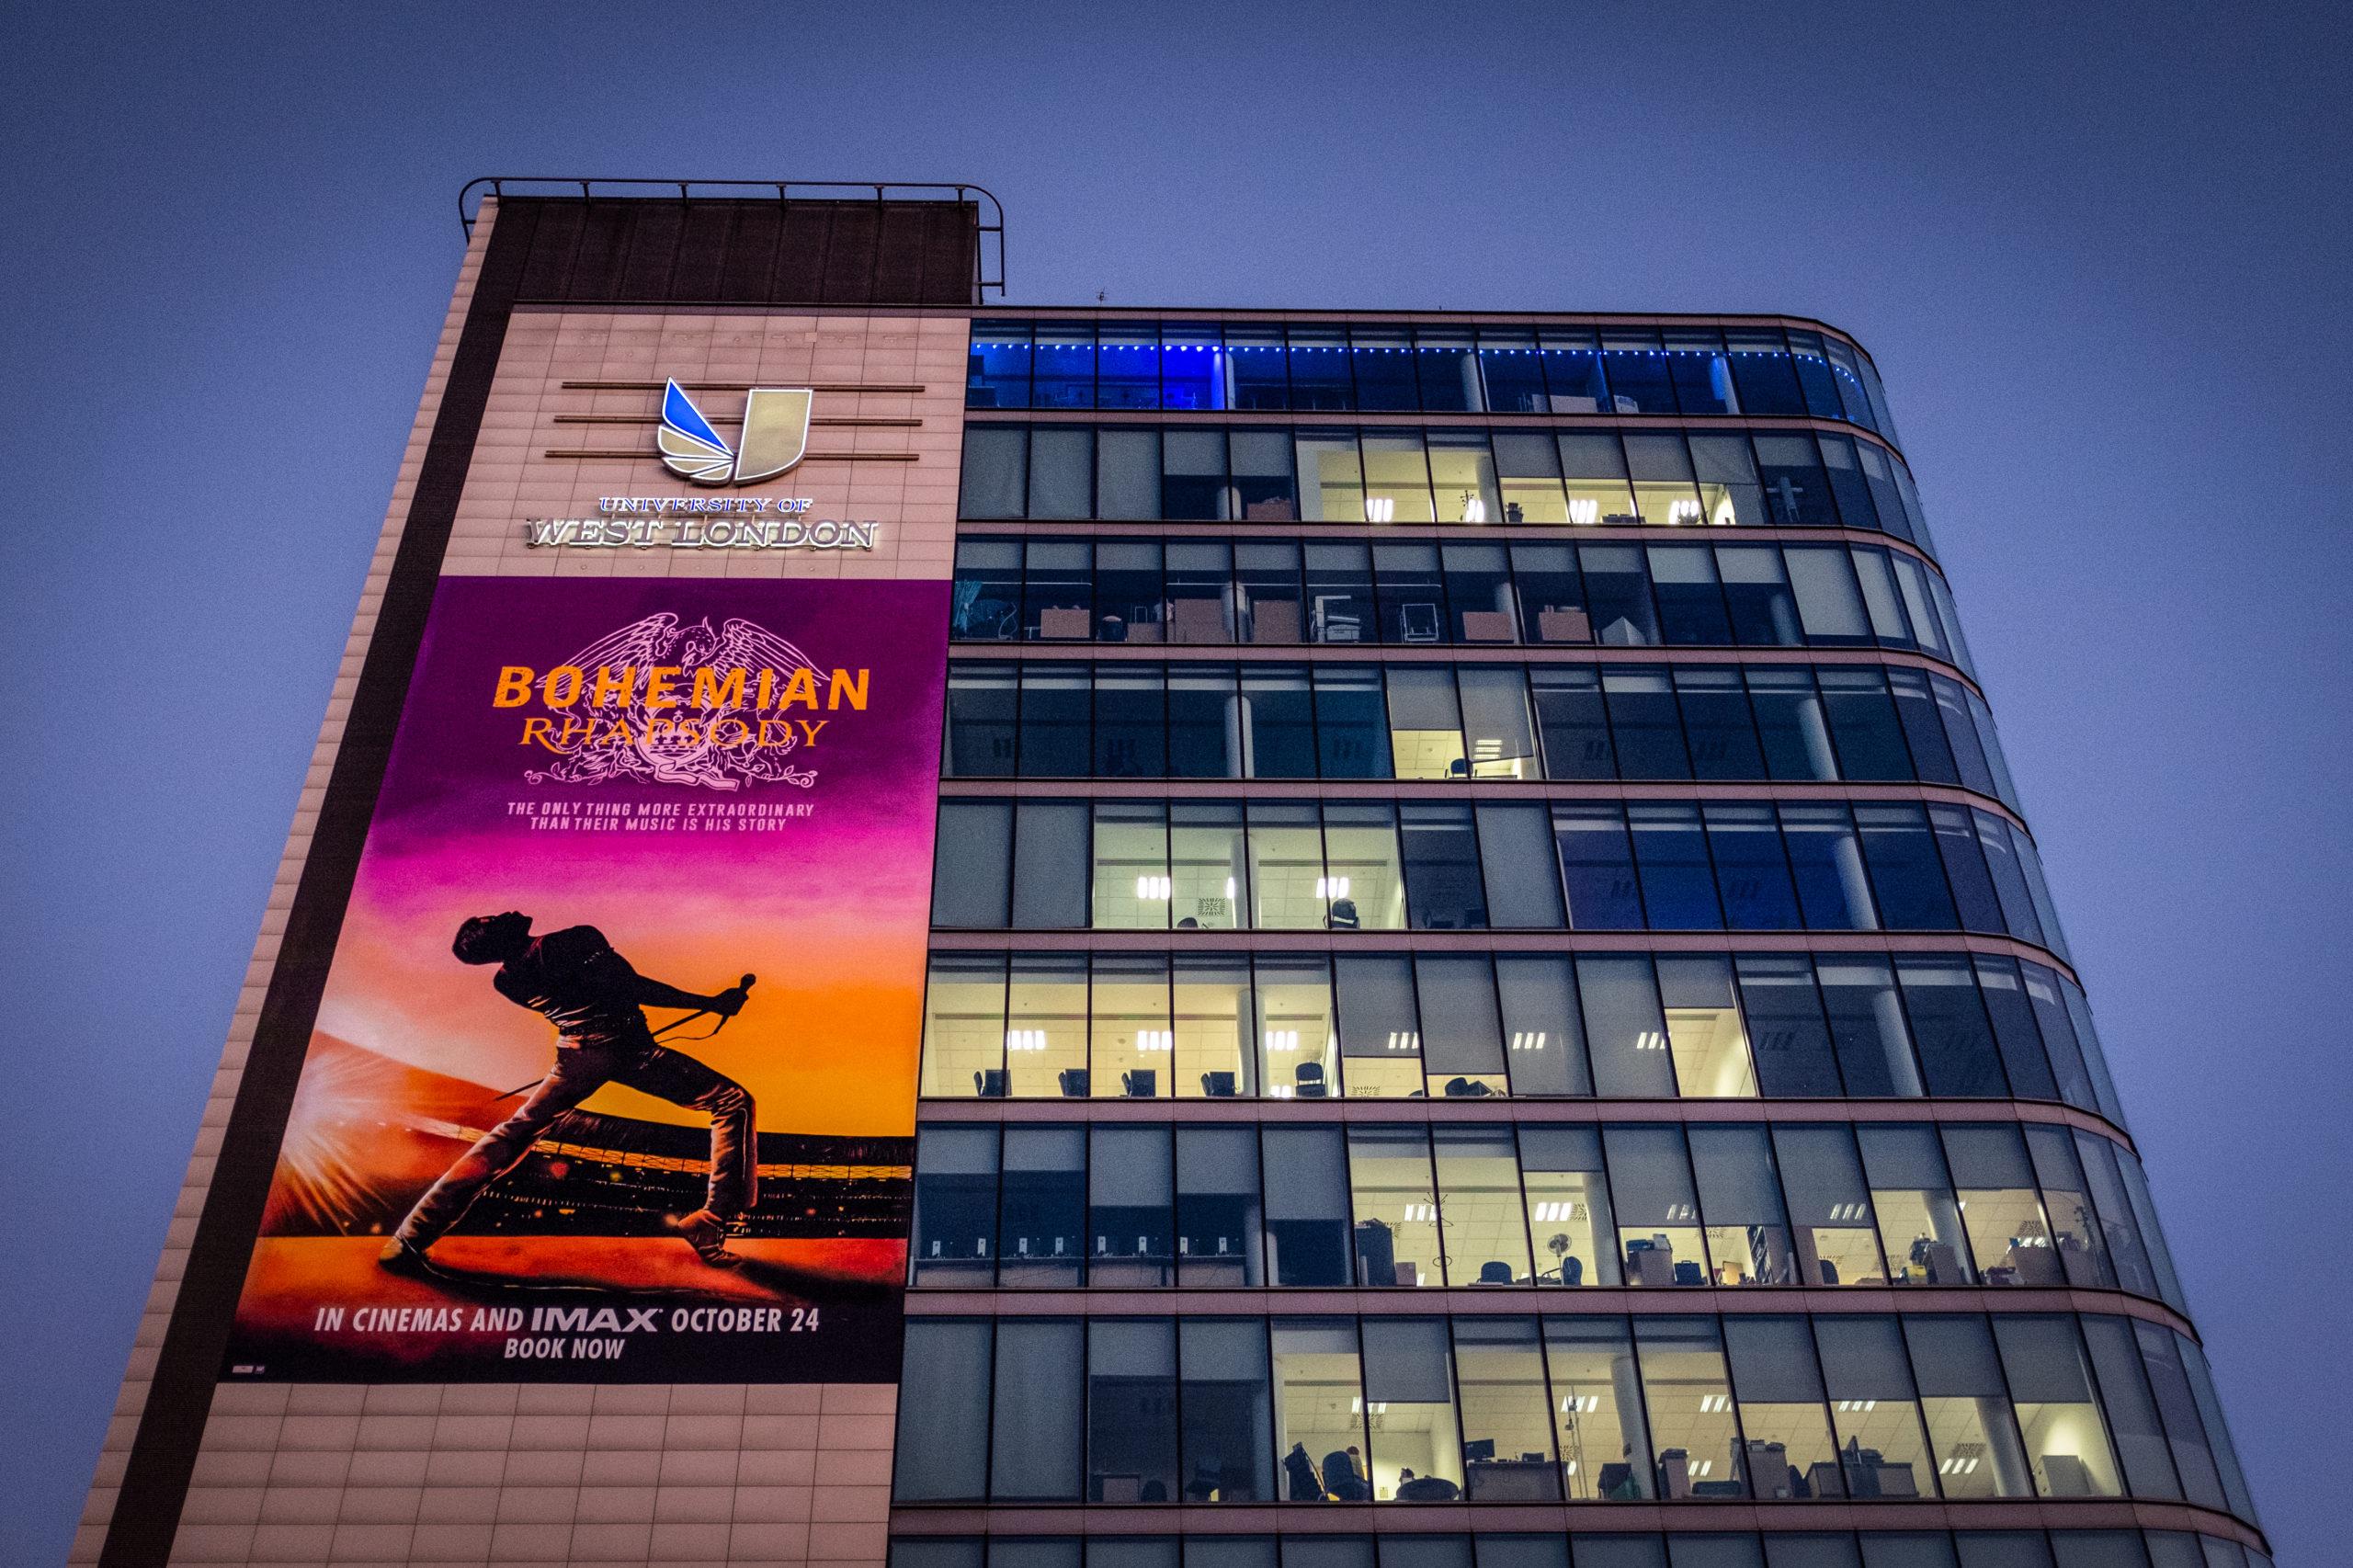 Filmplakat Bohemian Thapsody auf Gebäude